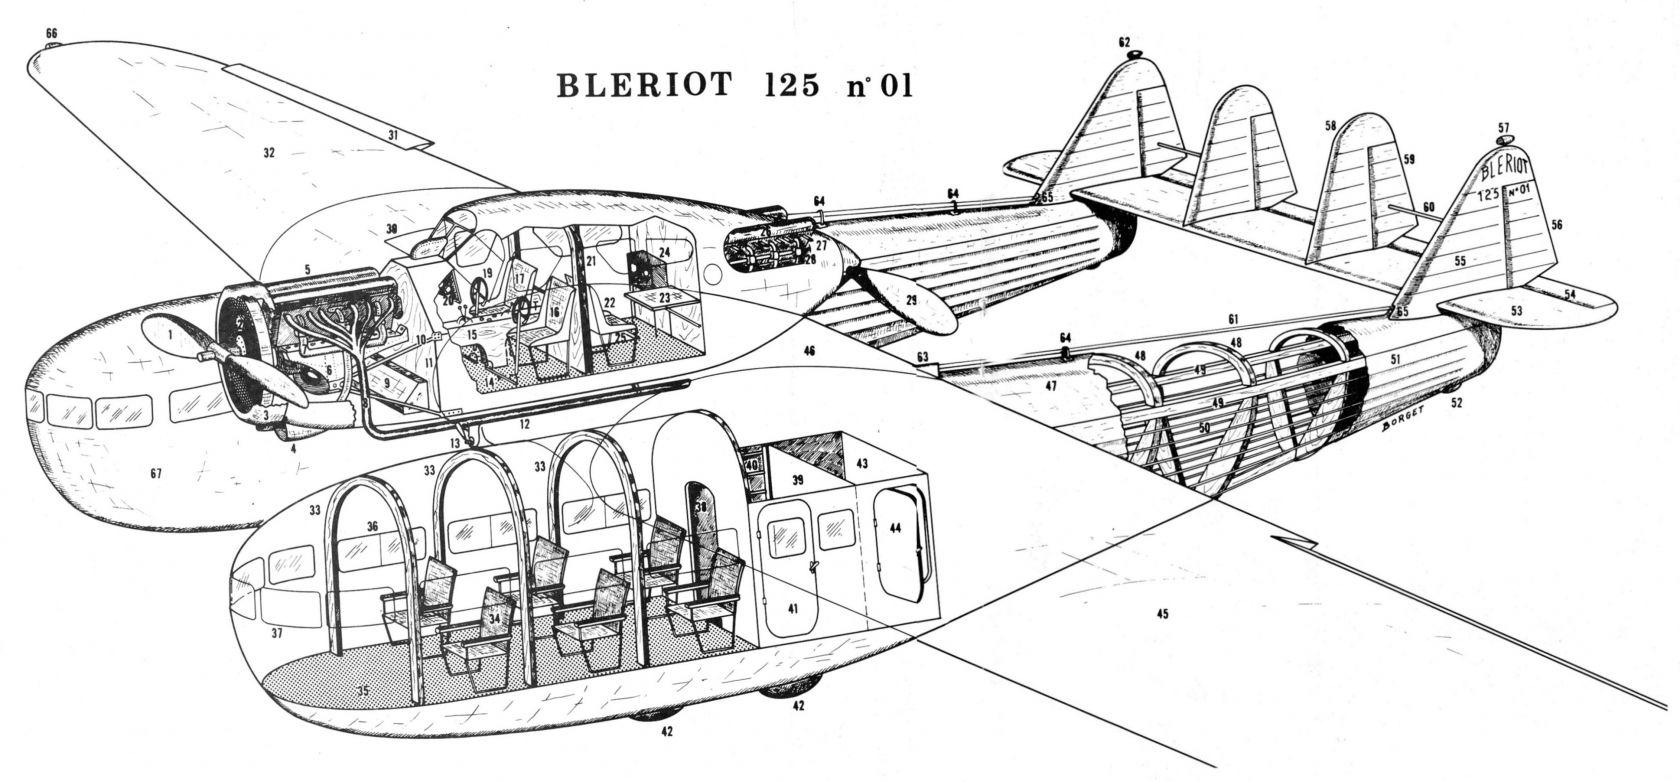 Bleriot 125 Airliner Prototype